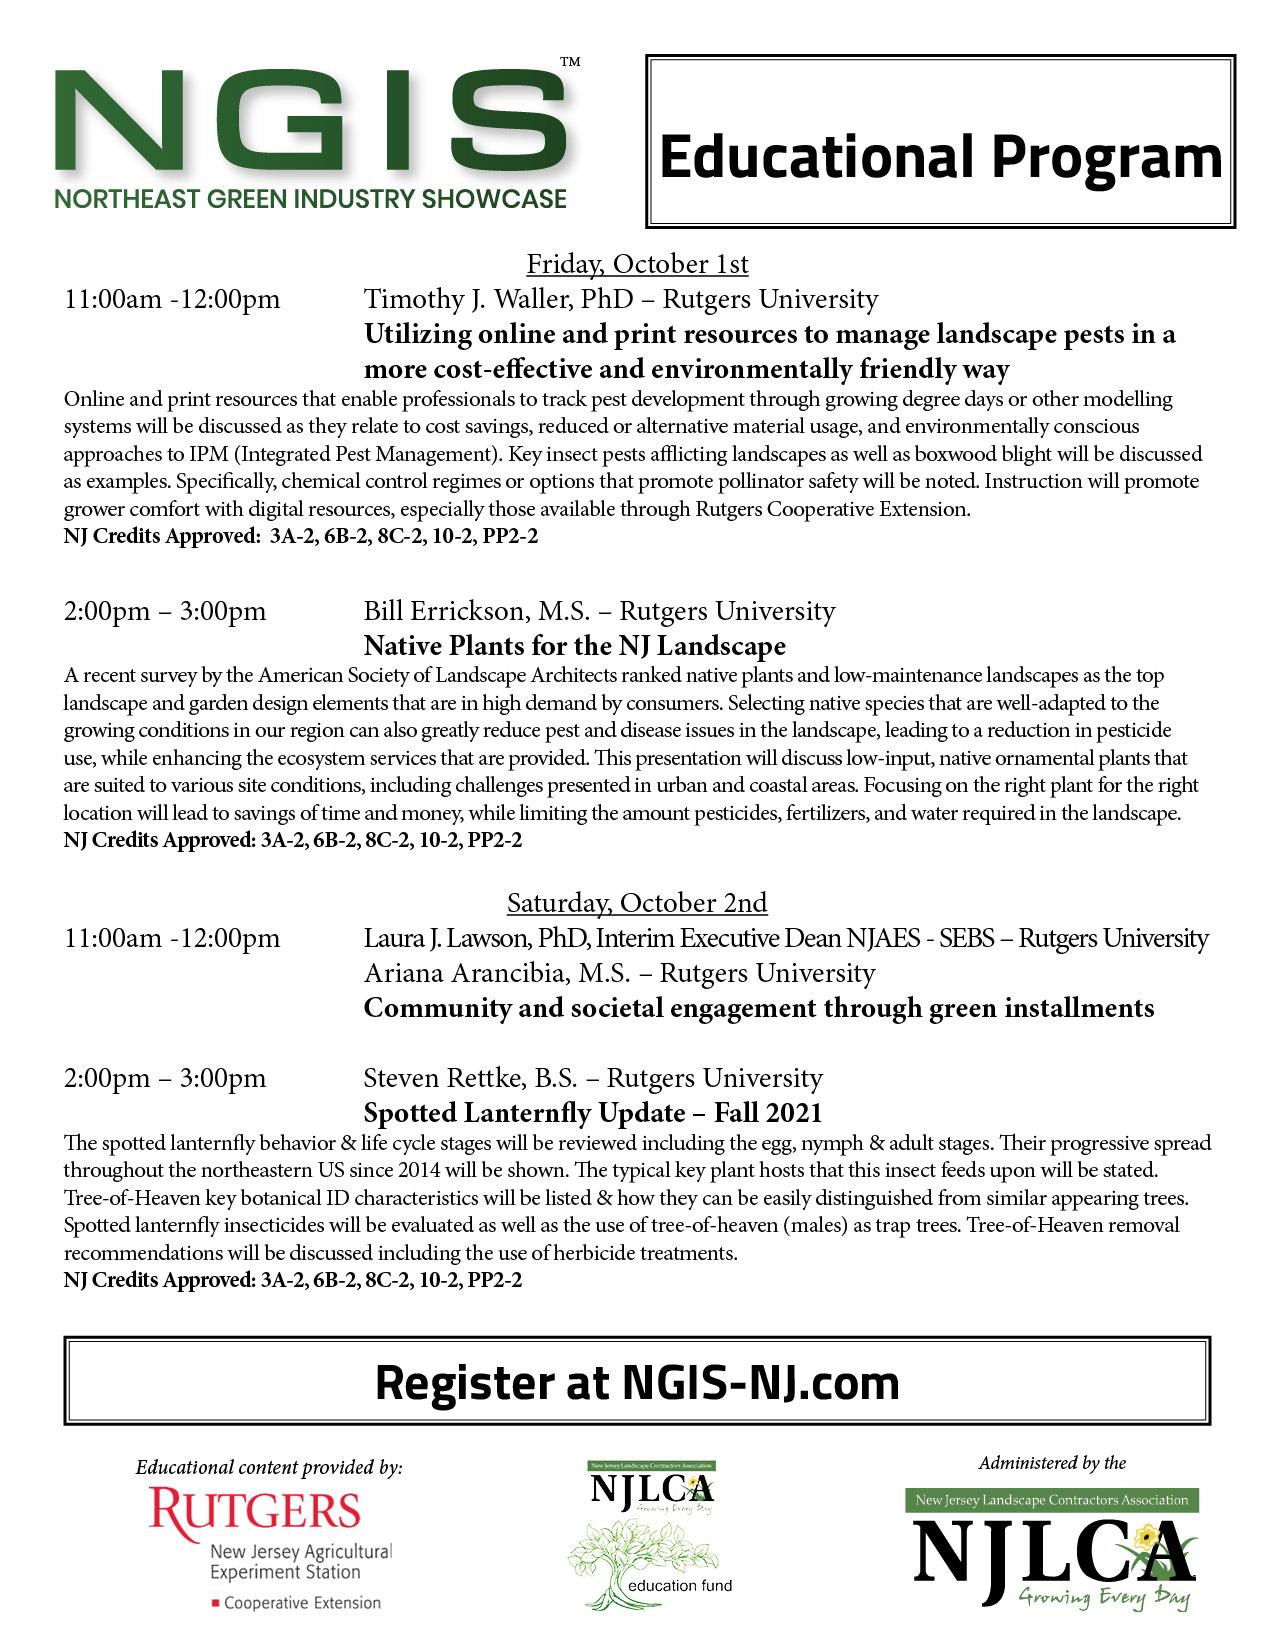 NGIS Educational Program